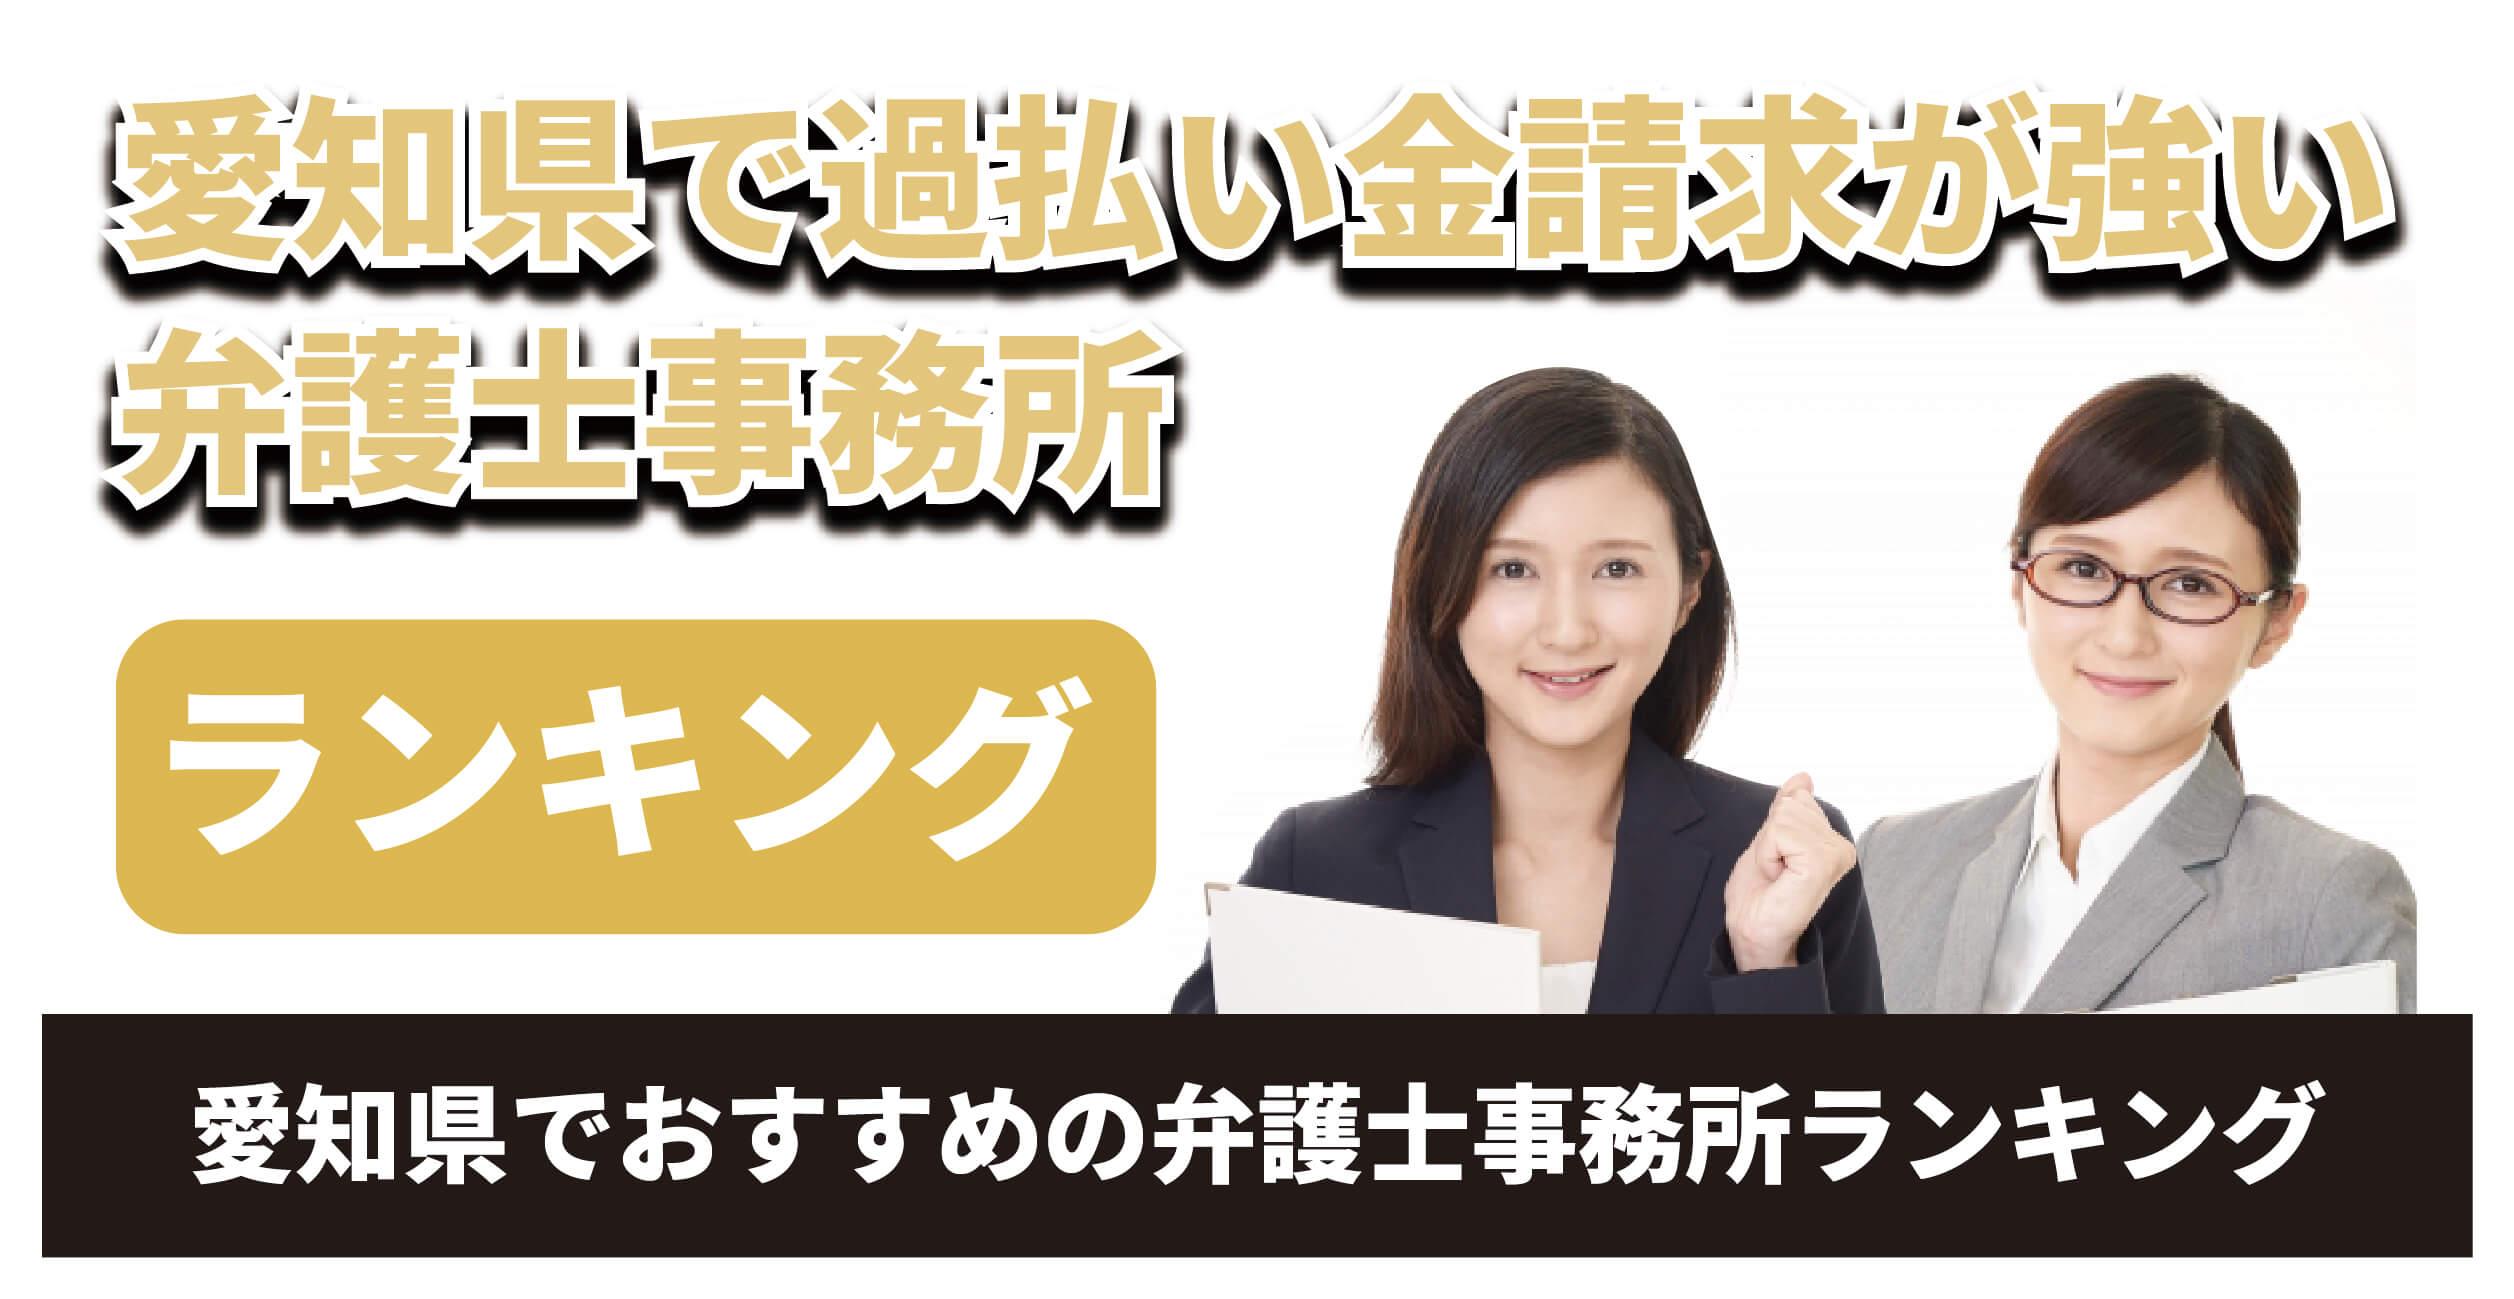 愛知県で過払い金請求に強い弁護士事務所